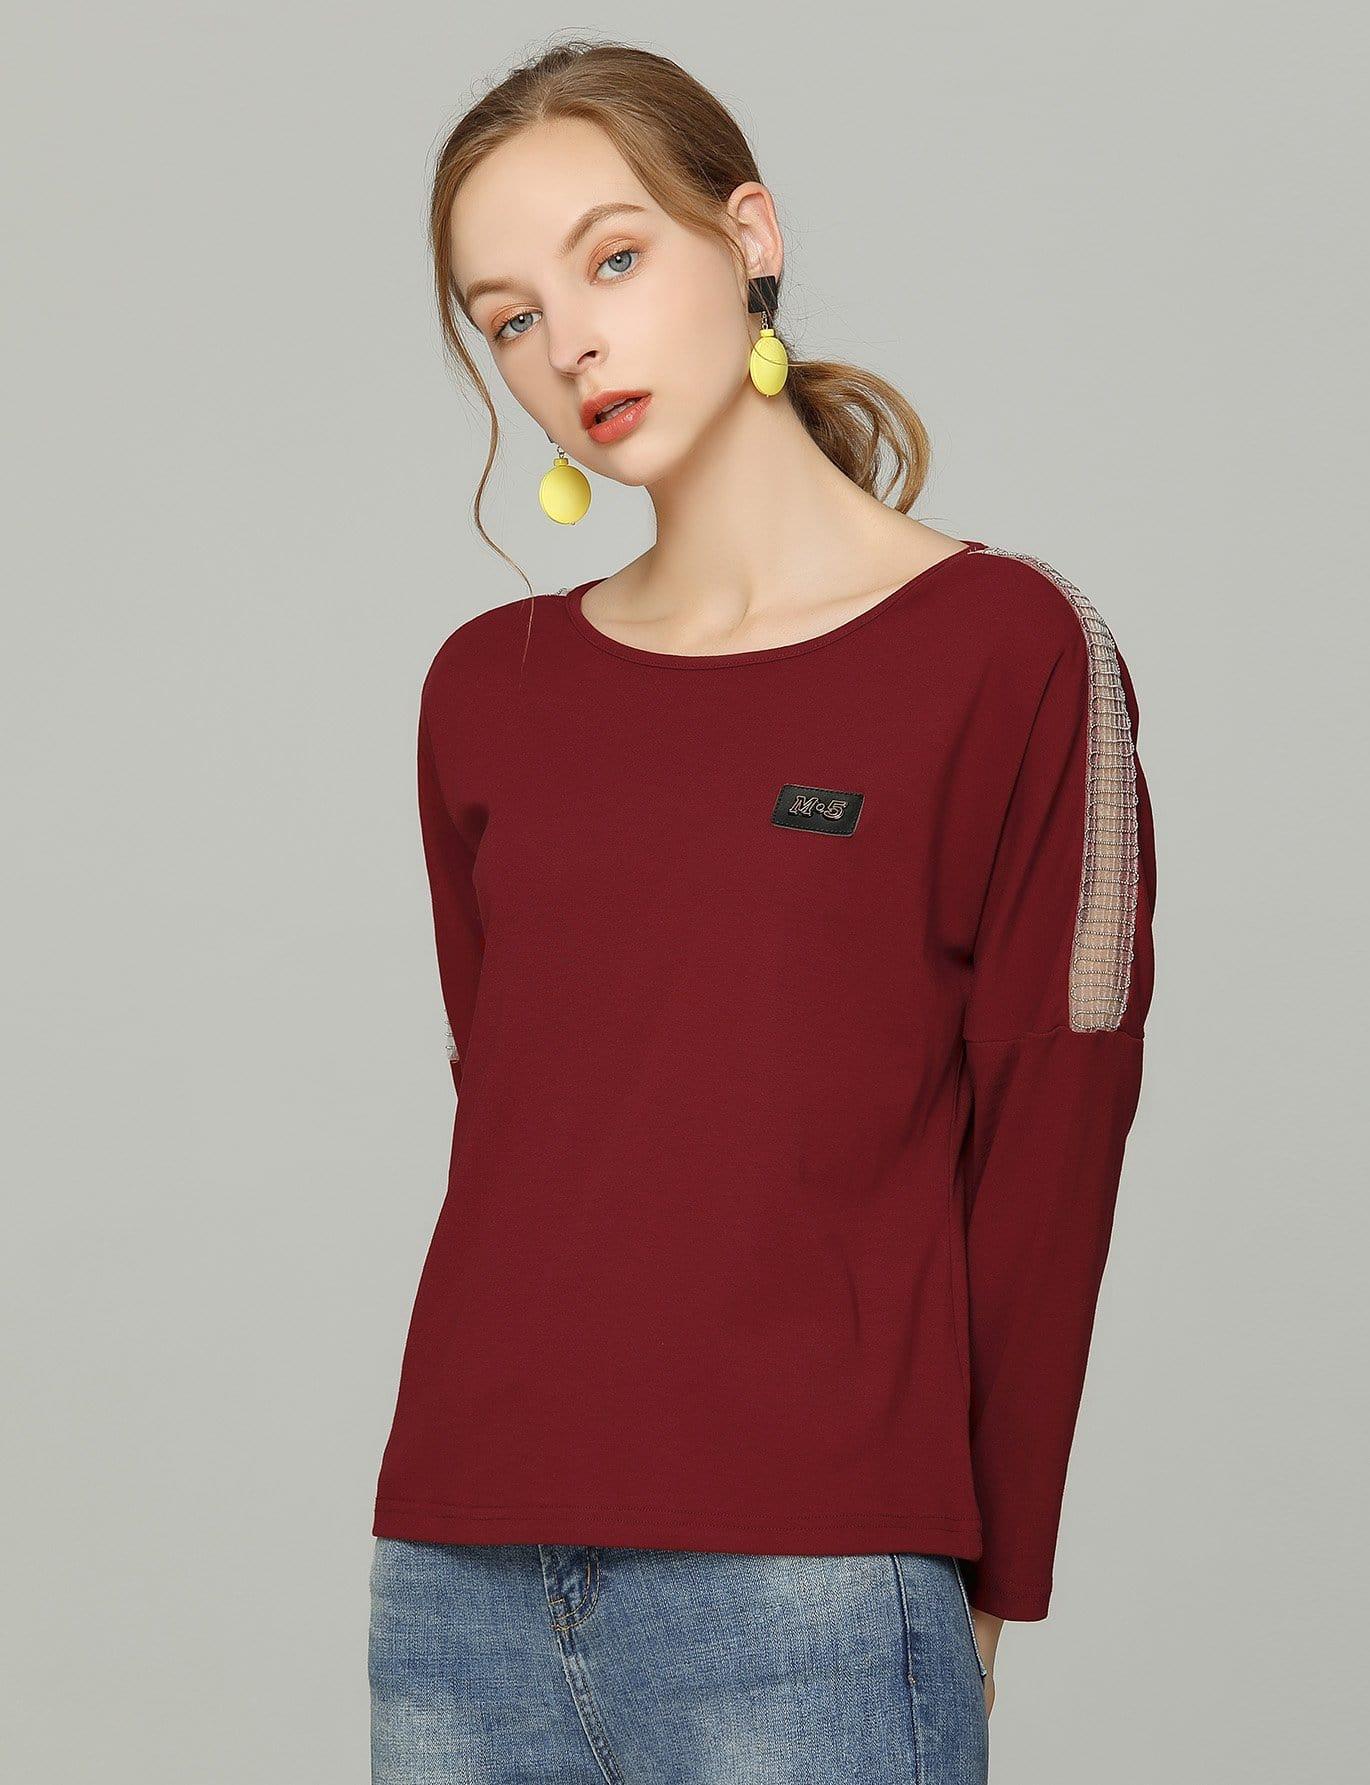 Купить Блуза с заниженной линией плеч и со симметрическими кружевами, null, SheIn